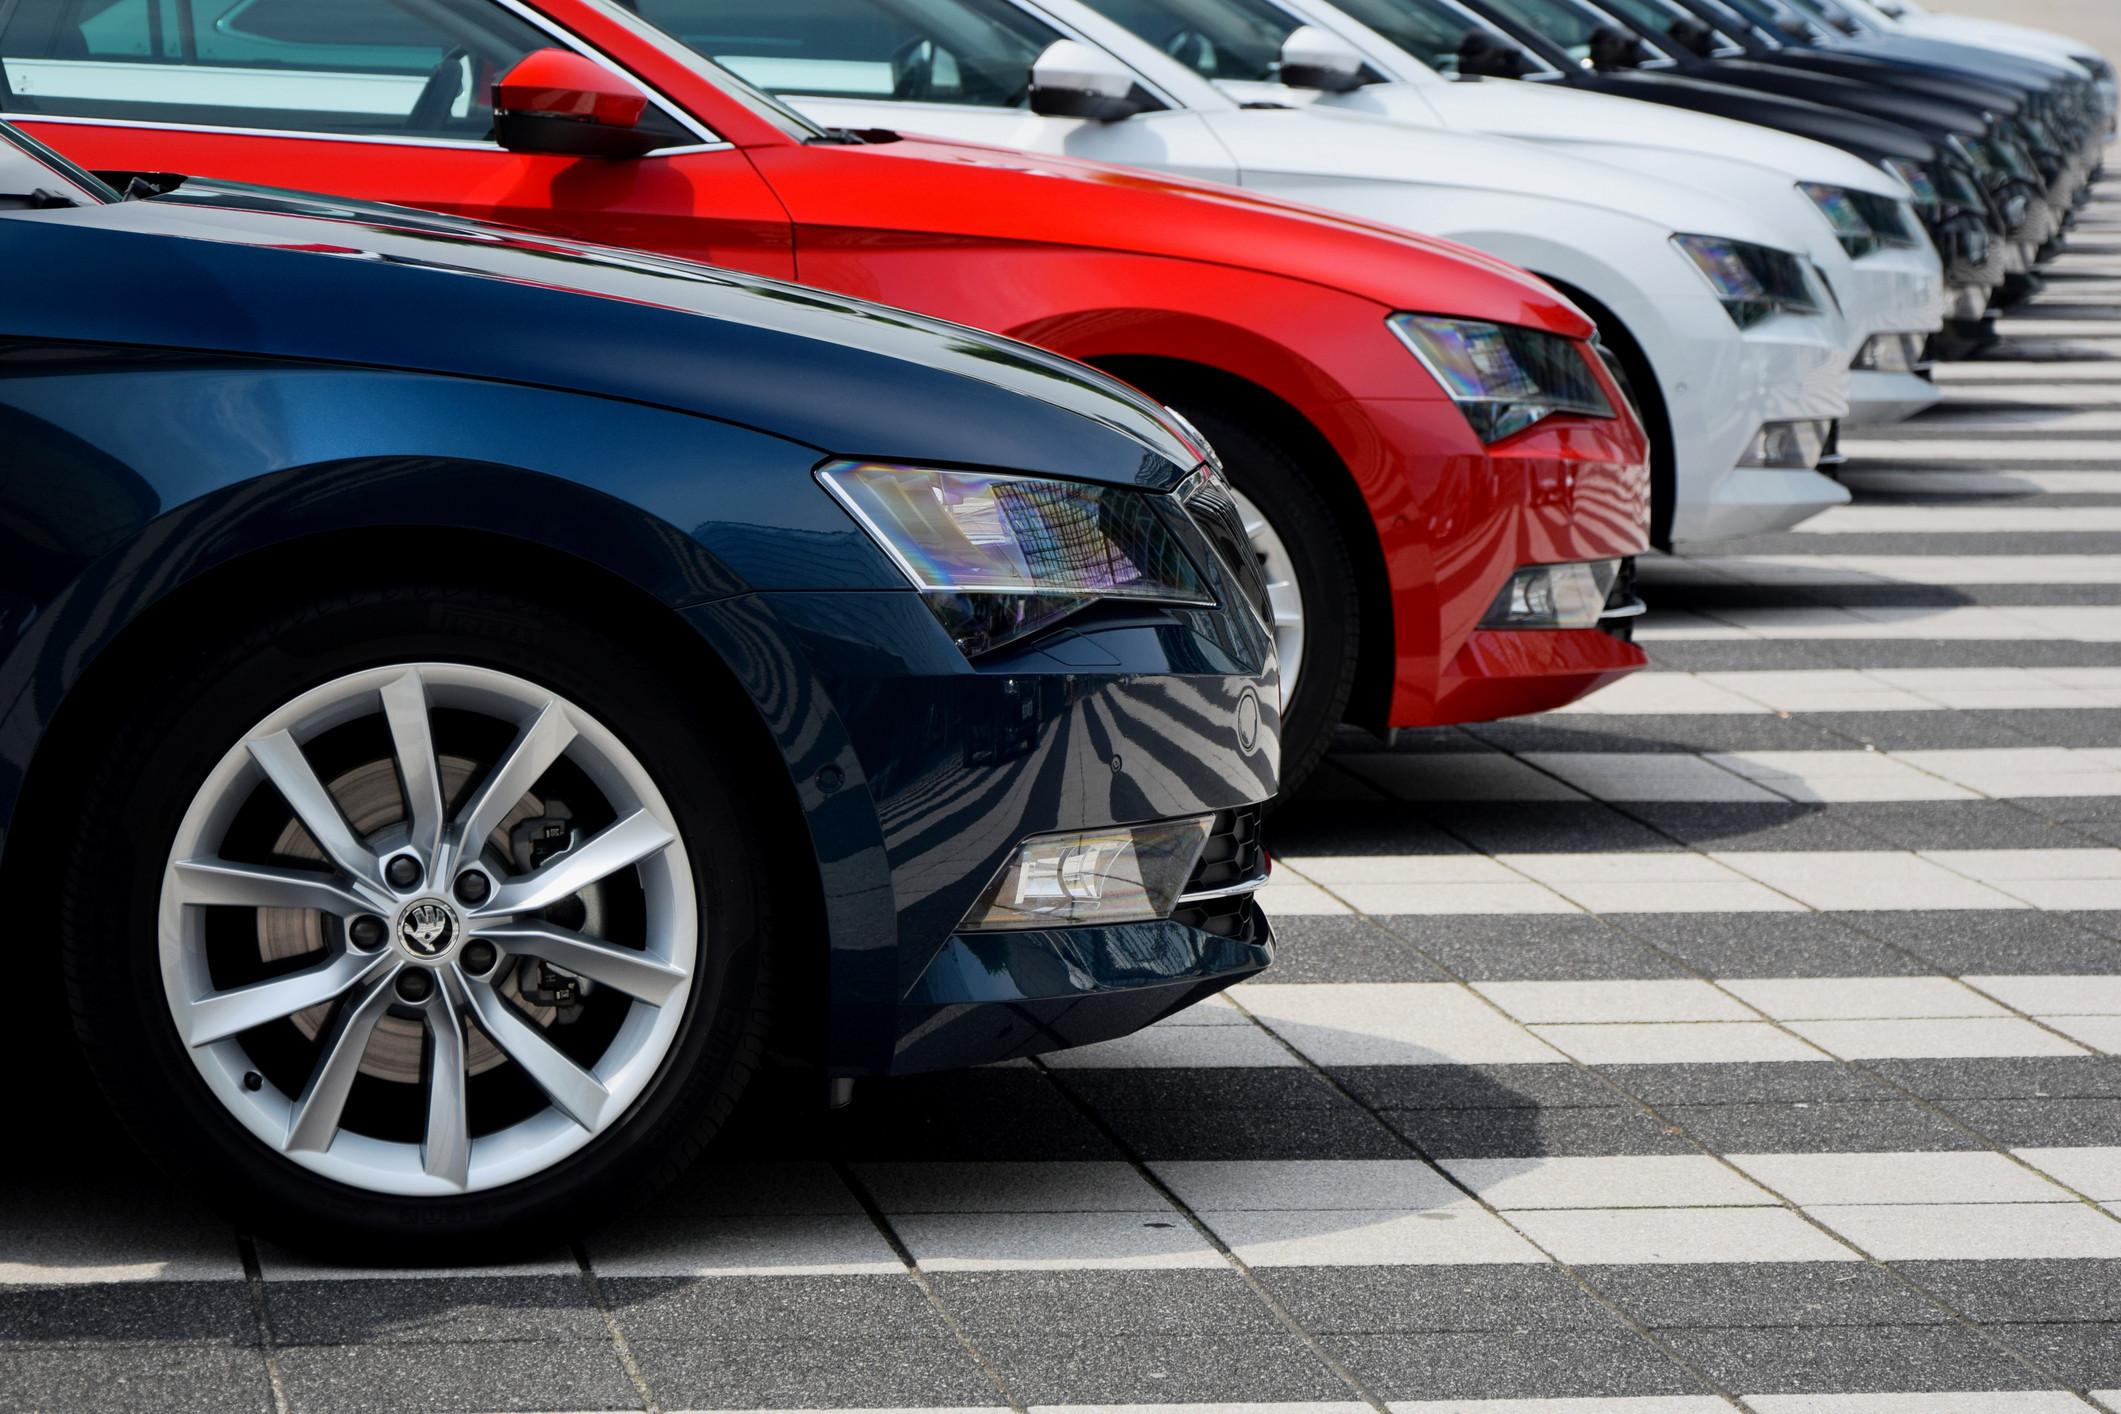 Novo crédito automóvel caiu 18% em janeiro para 222 milhões